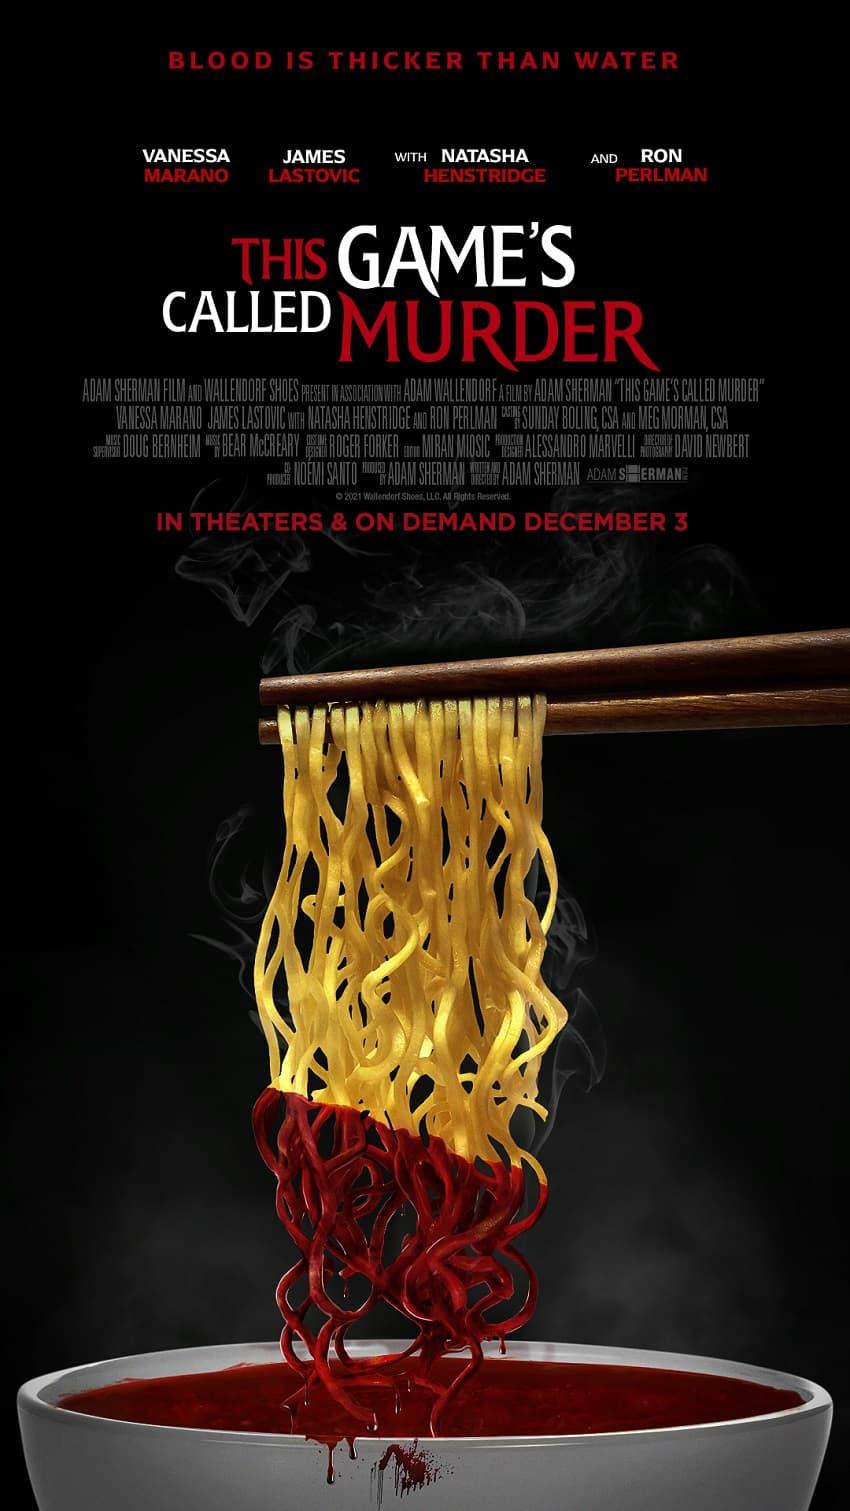 Дизайнер Рон Перлман сходит с ума в трейлере комедийного хоррора This Game's Called Murder - Постер